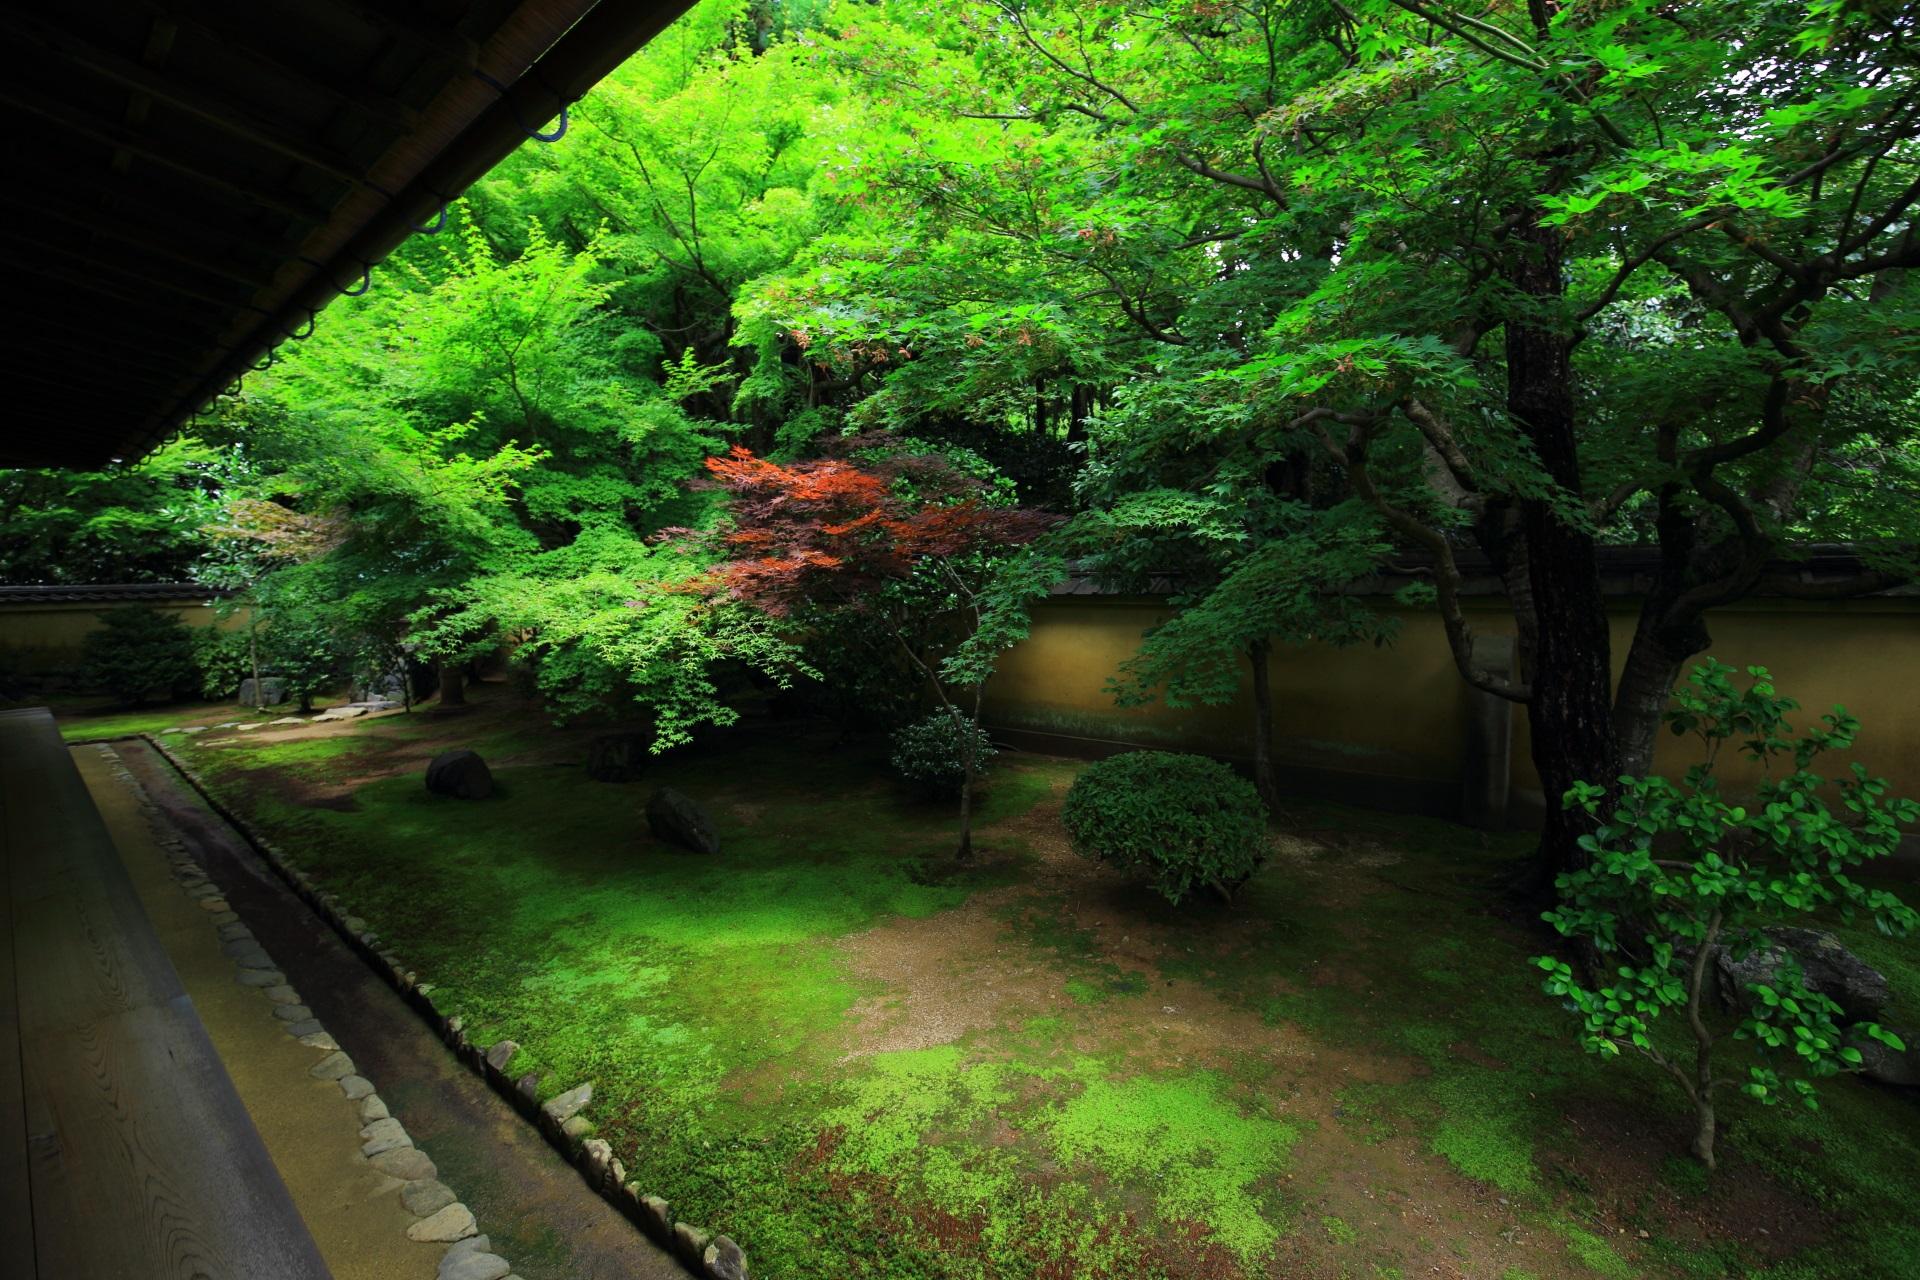 興臨院のもみじ溢れる方丈裏庭園